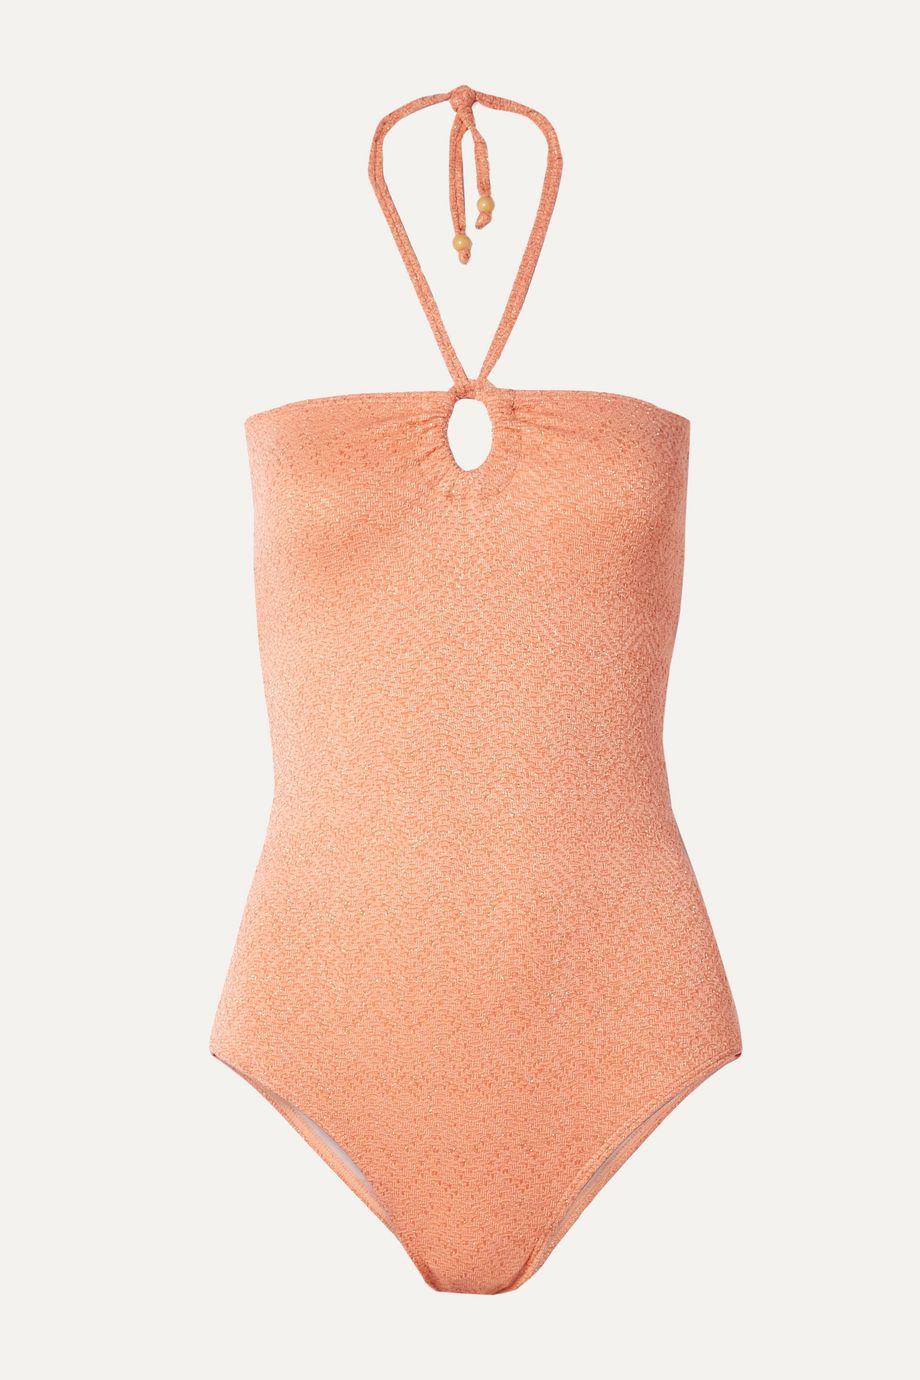 Peony + NET SUSTAIN metallic cutout halterneck swimsuit